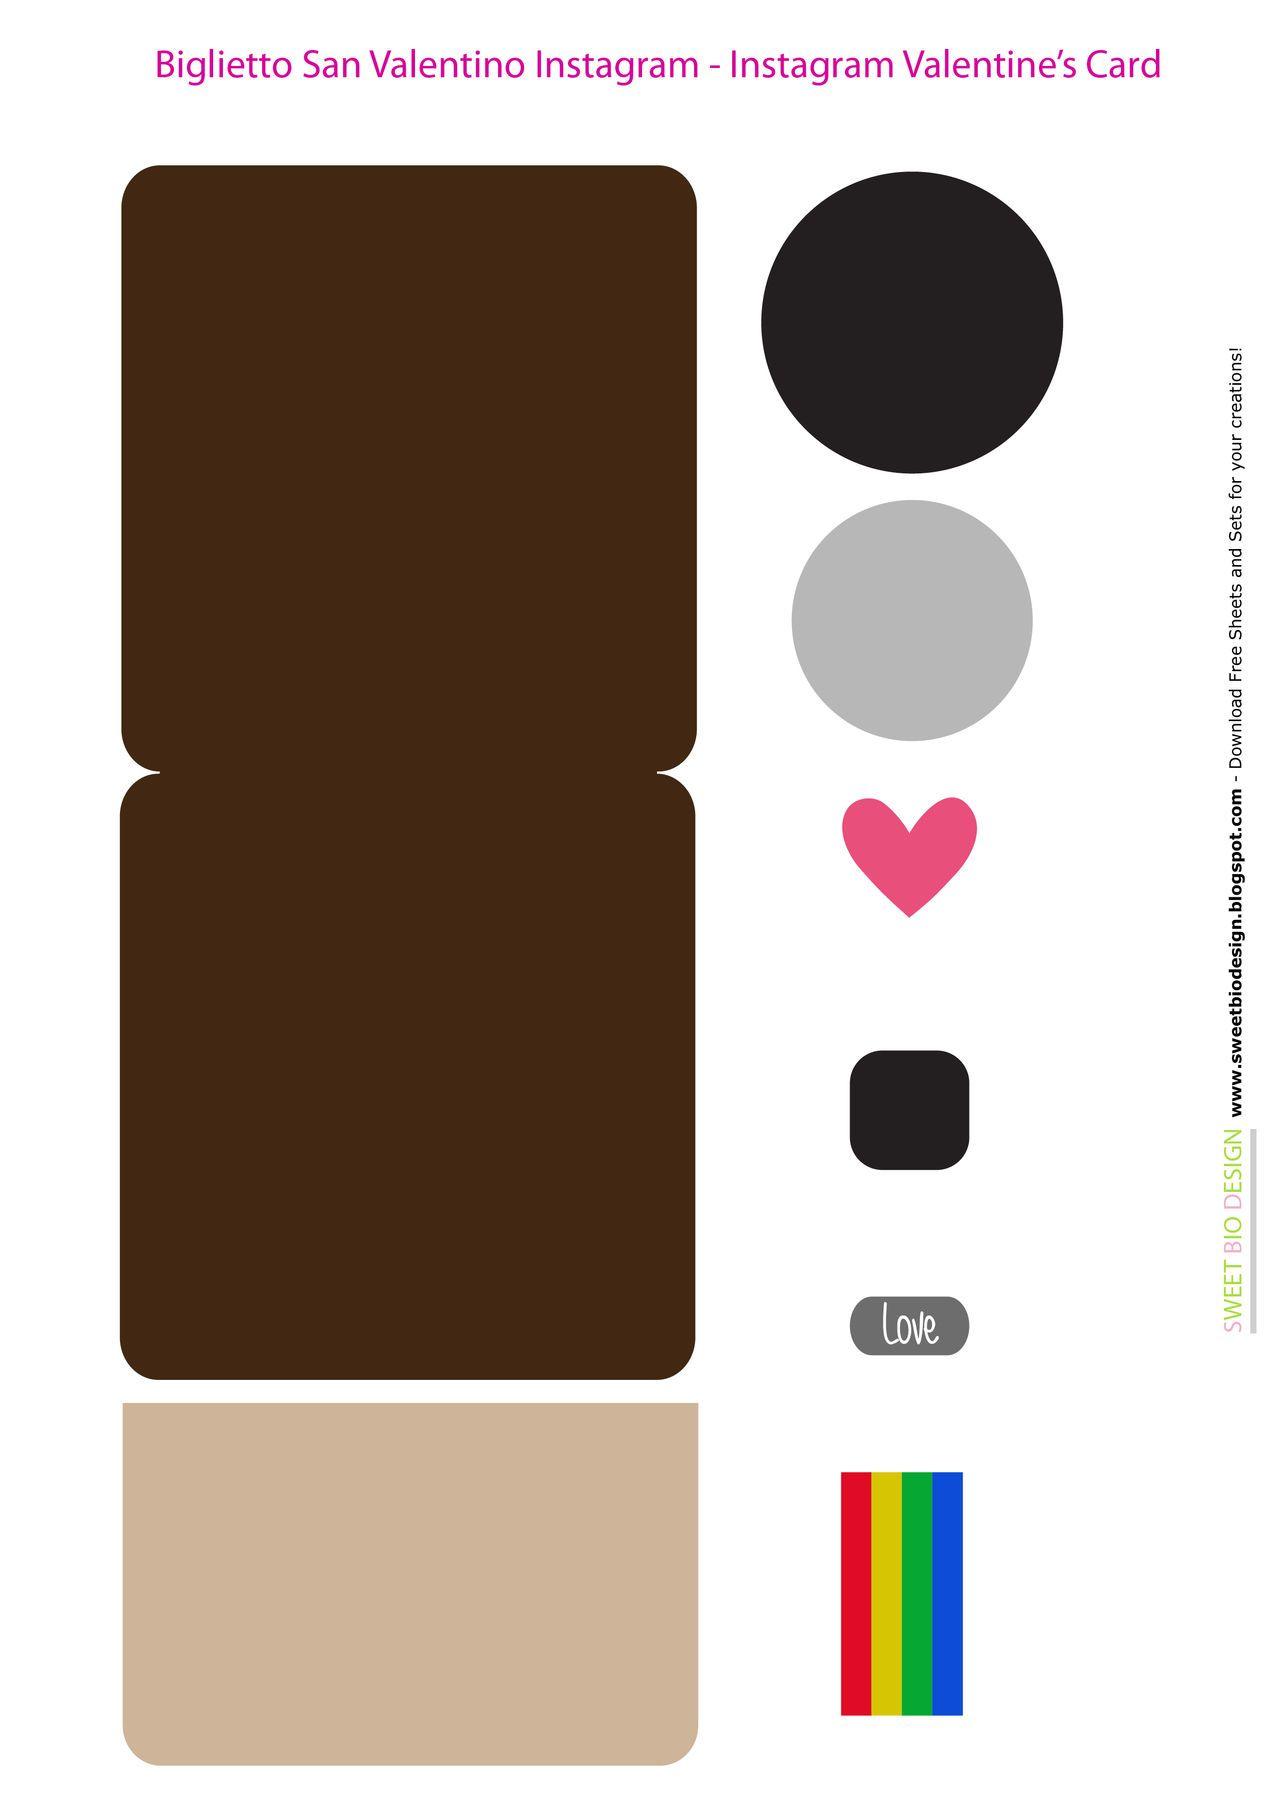 Sweet Bio design: Biglietto S Valentino Instagram Selfie - Instagram Selfie Valentine's Card